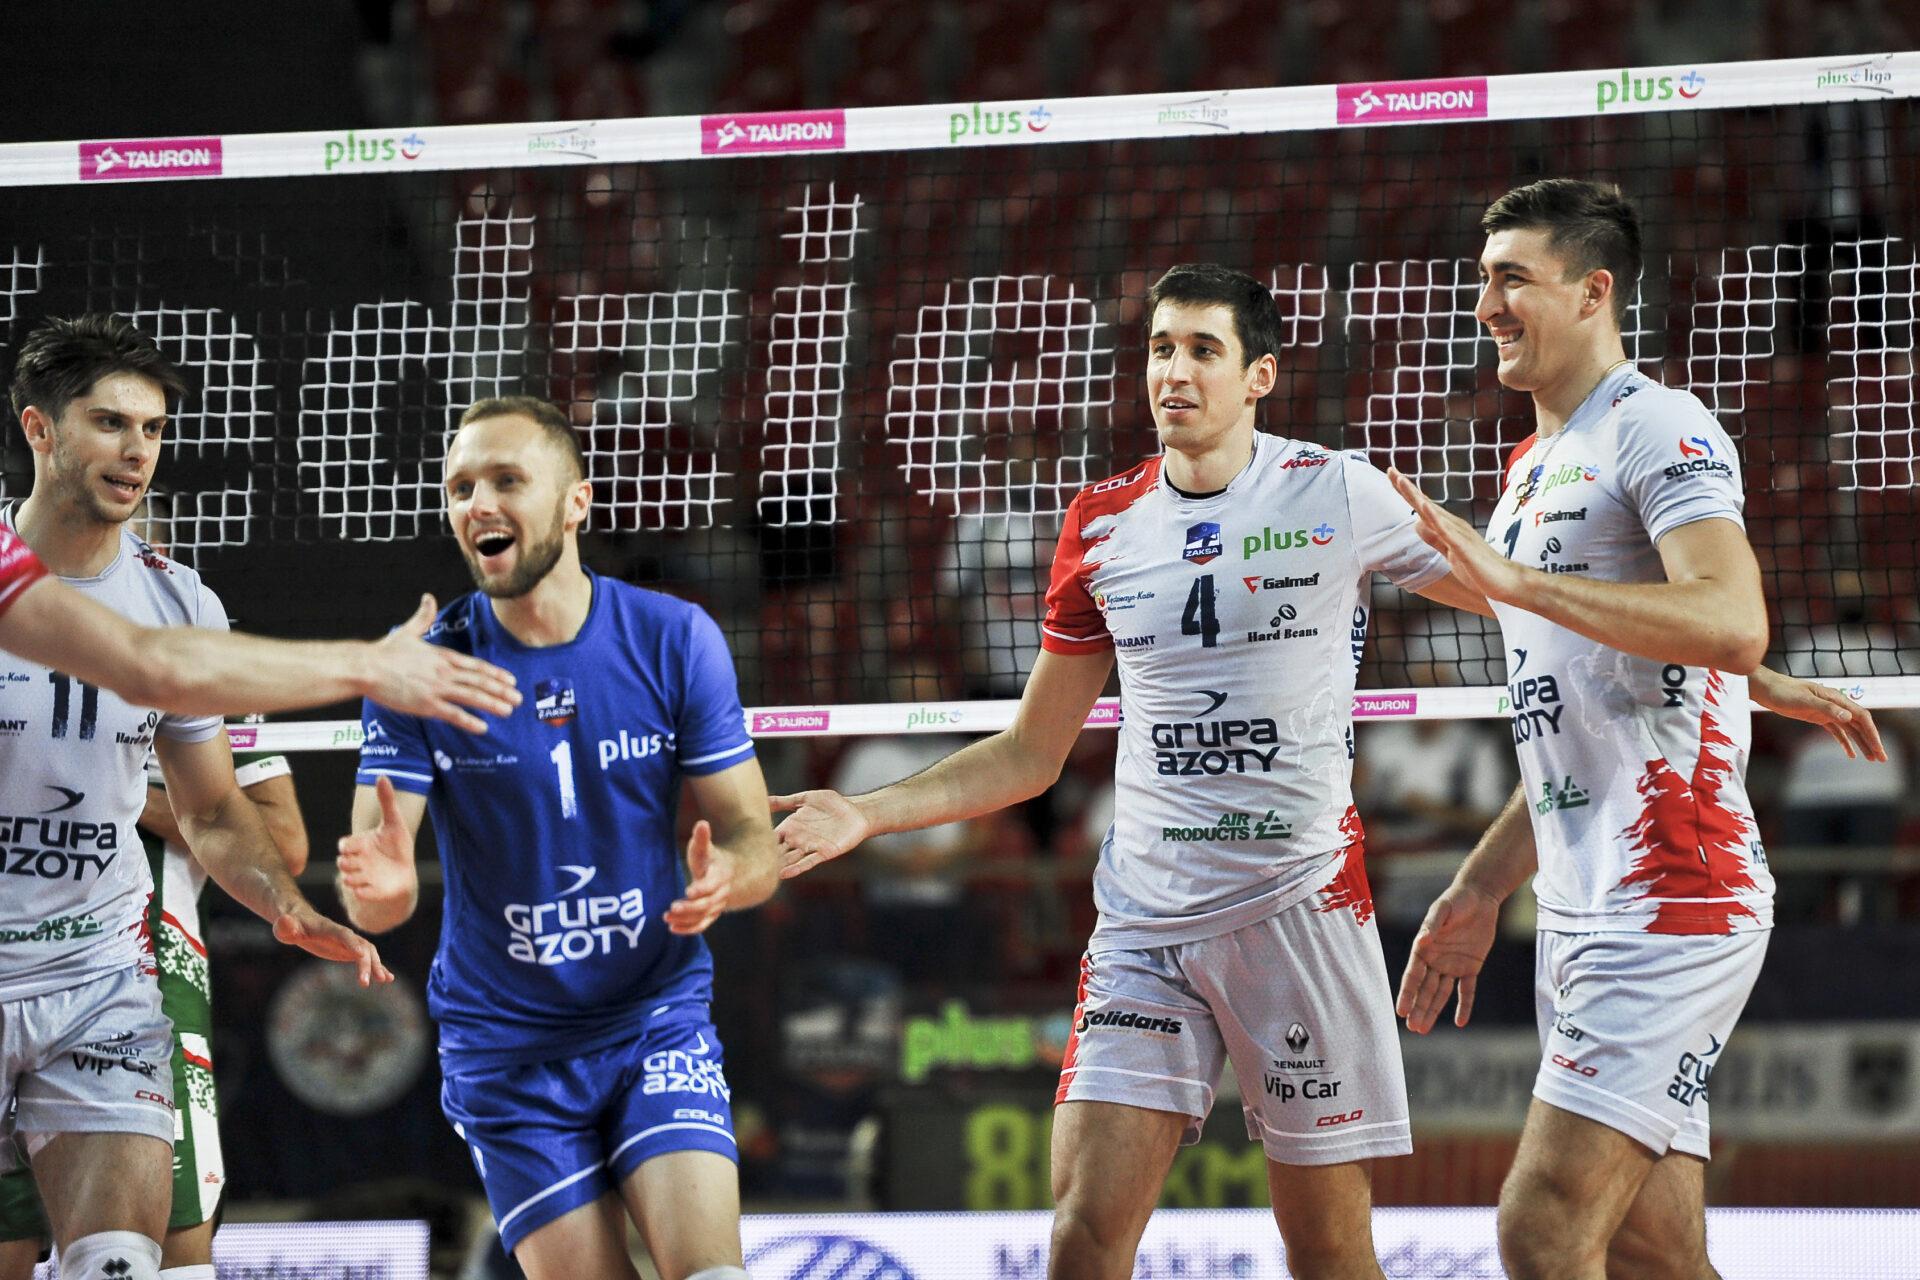 Seria podtrzymana, Grupa Azoty ZAKSA Kędzierzyn-Koźle z kolejną wygraną